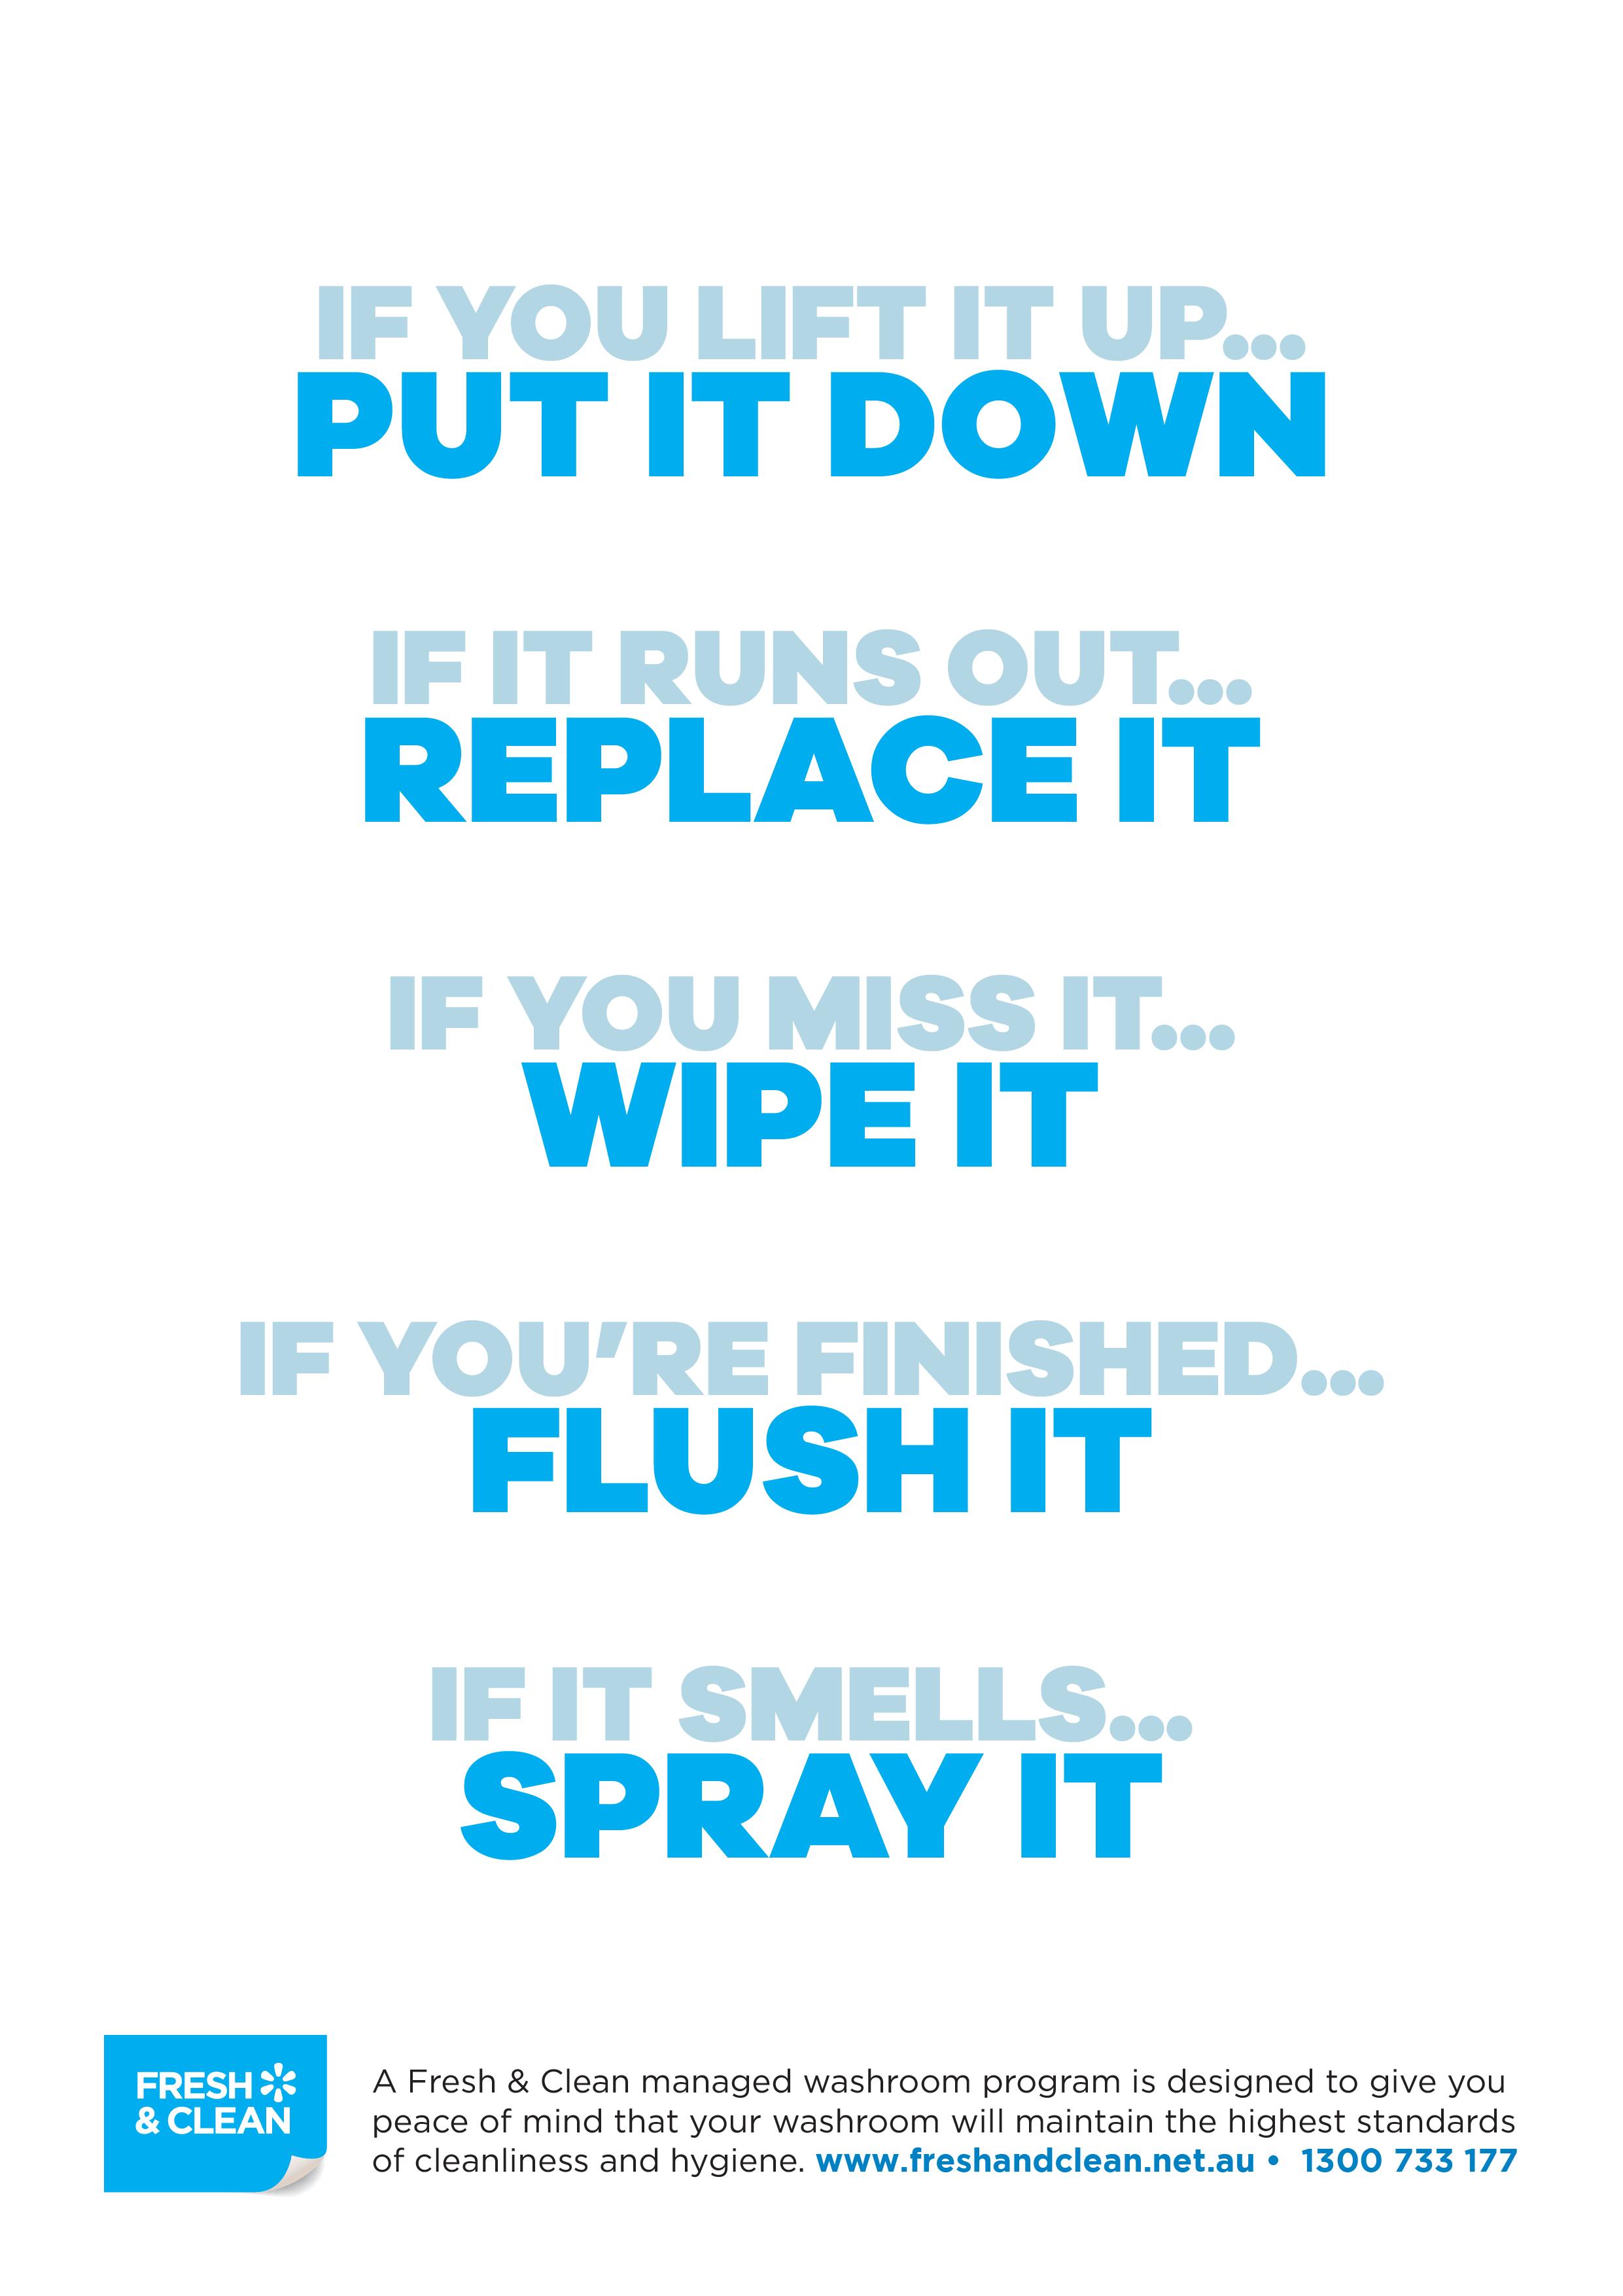 Toilet Etiquette Cubicle Posters - Fresh & Clean